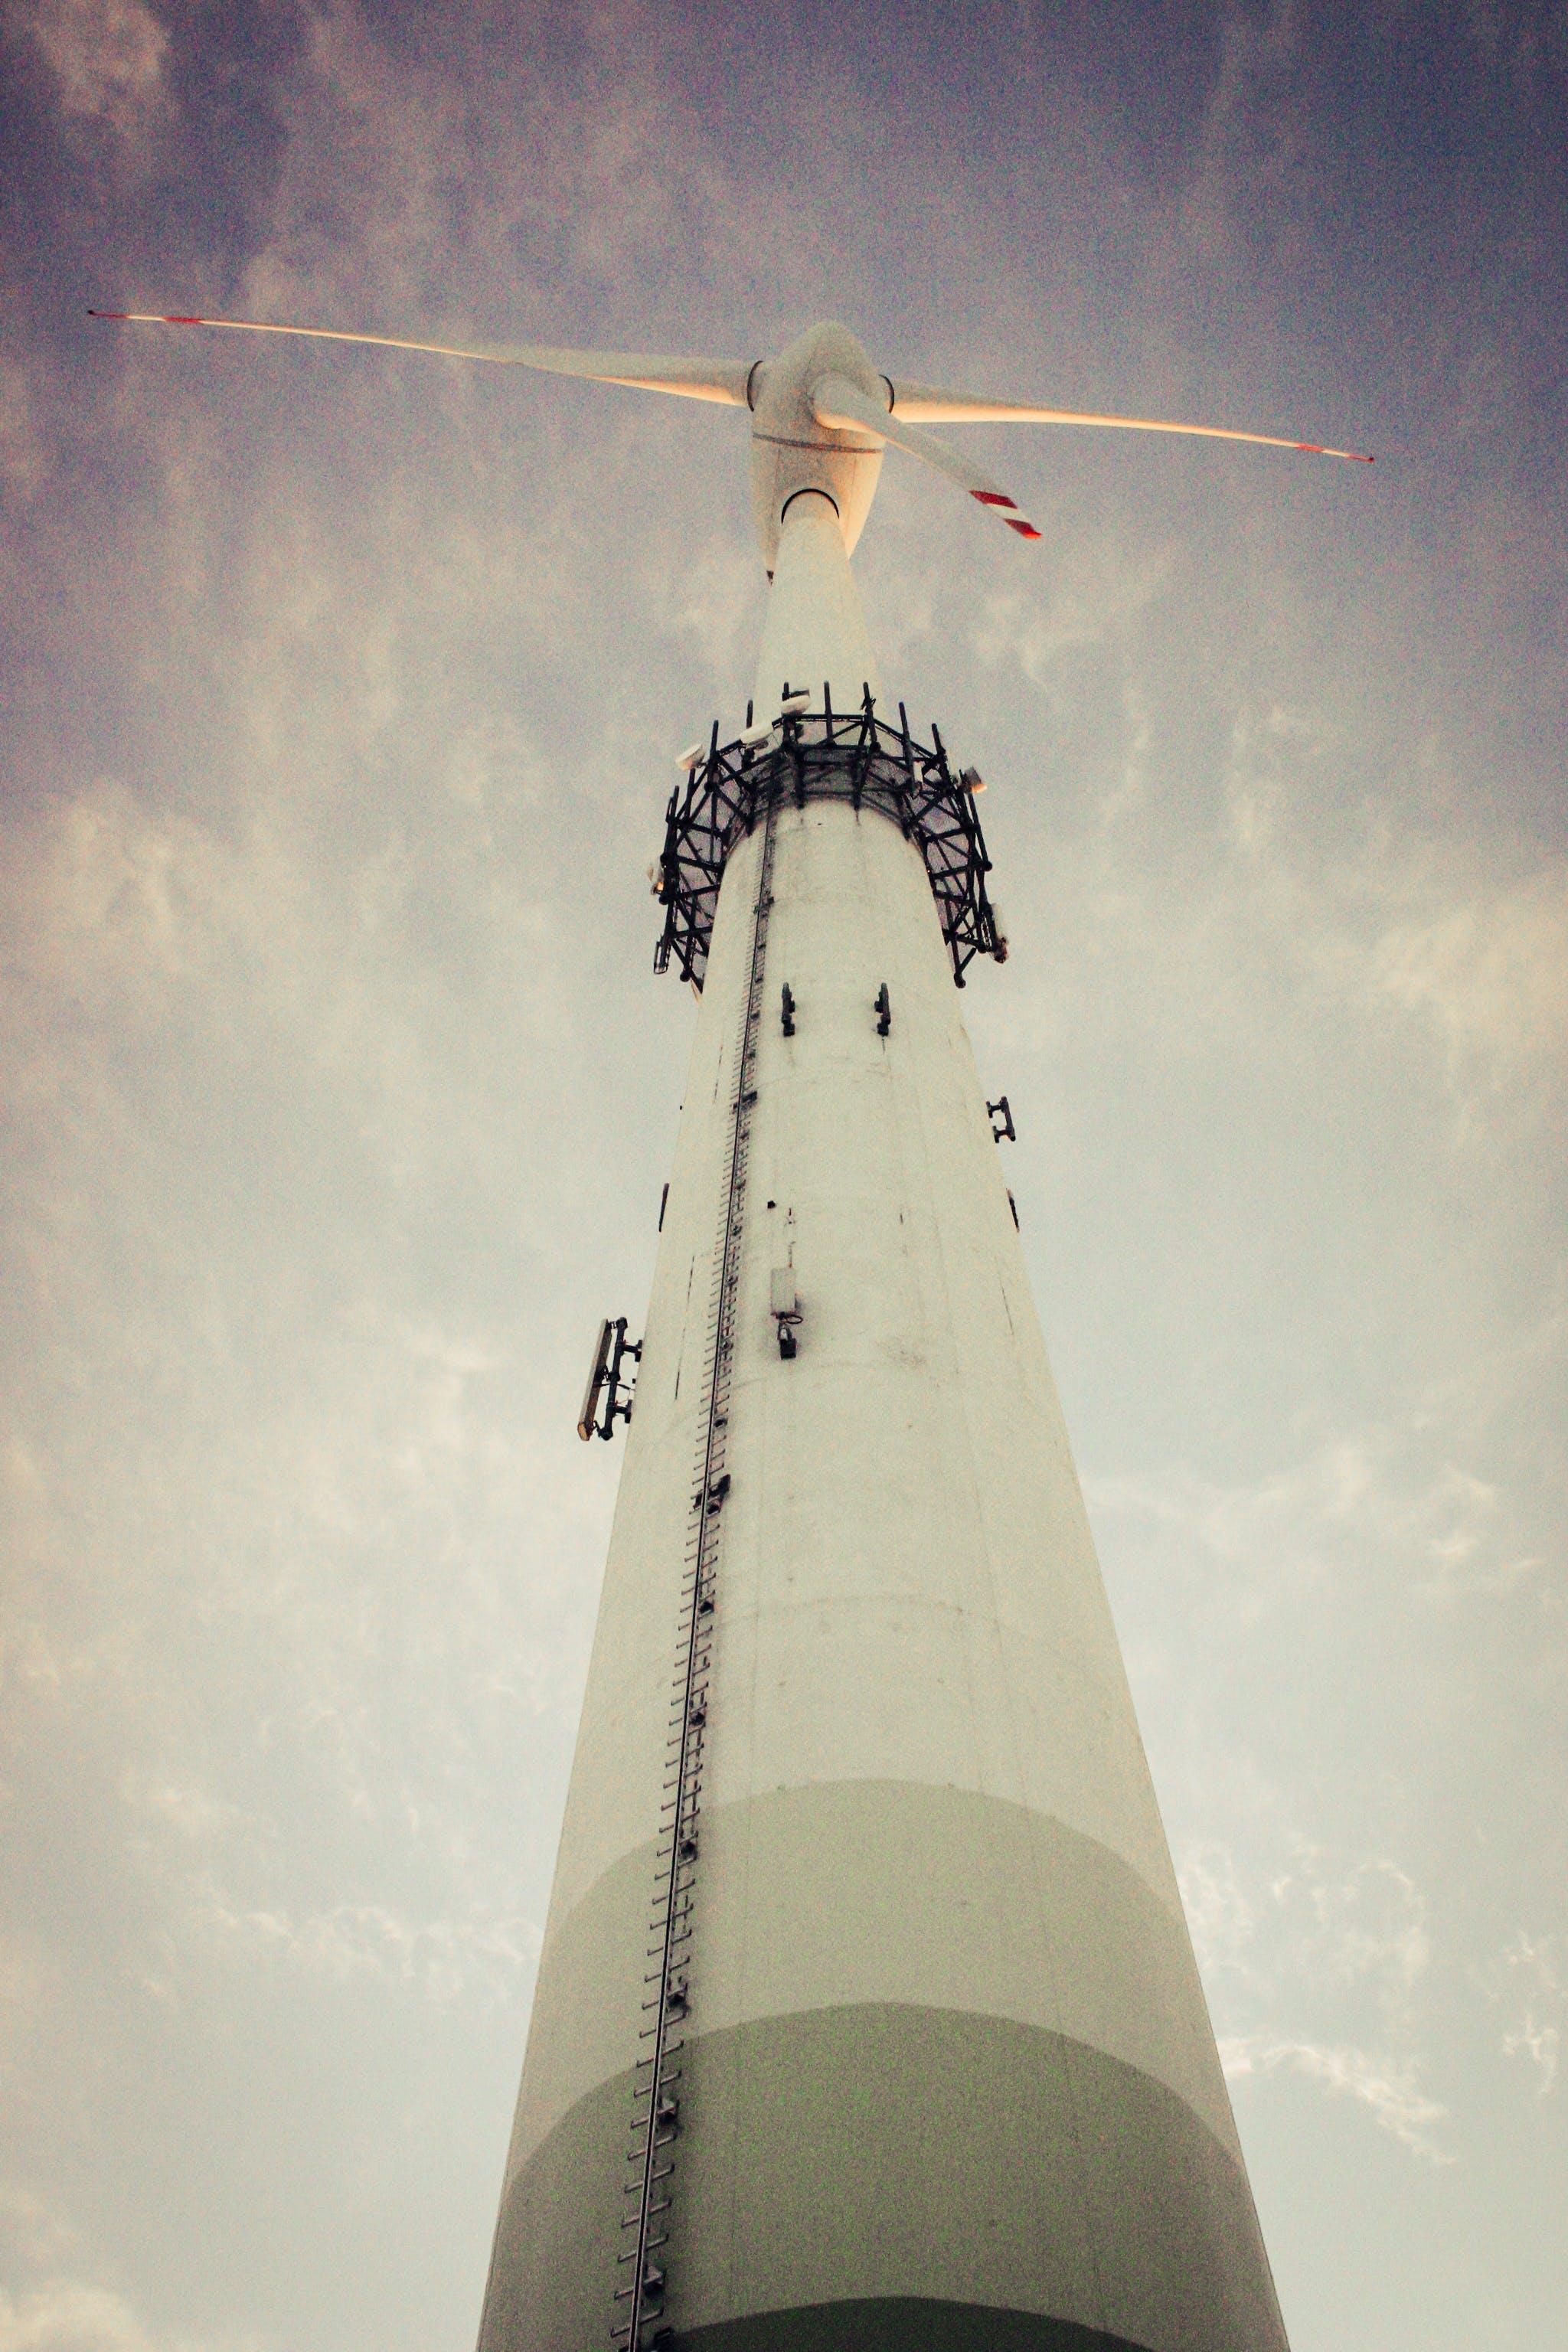 Free stock photo of energy, renewable energy, wind, wind generator